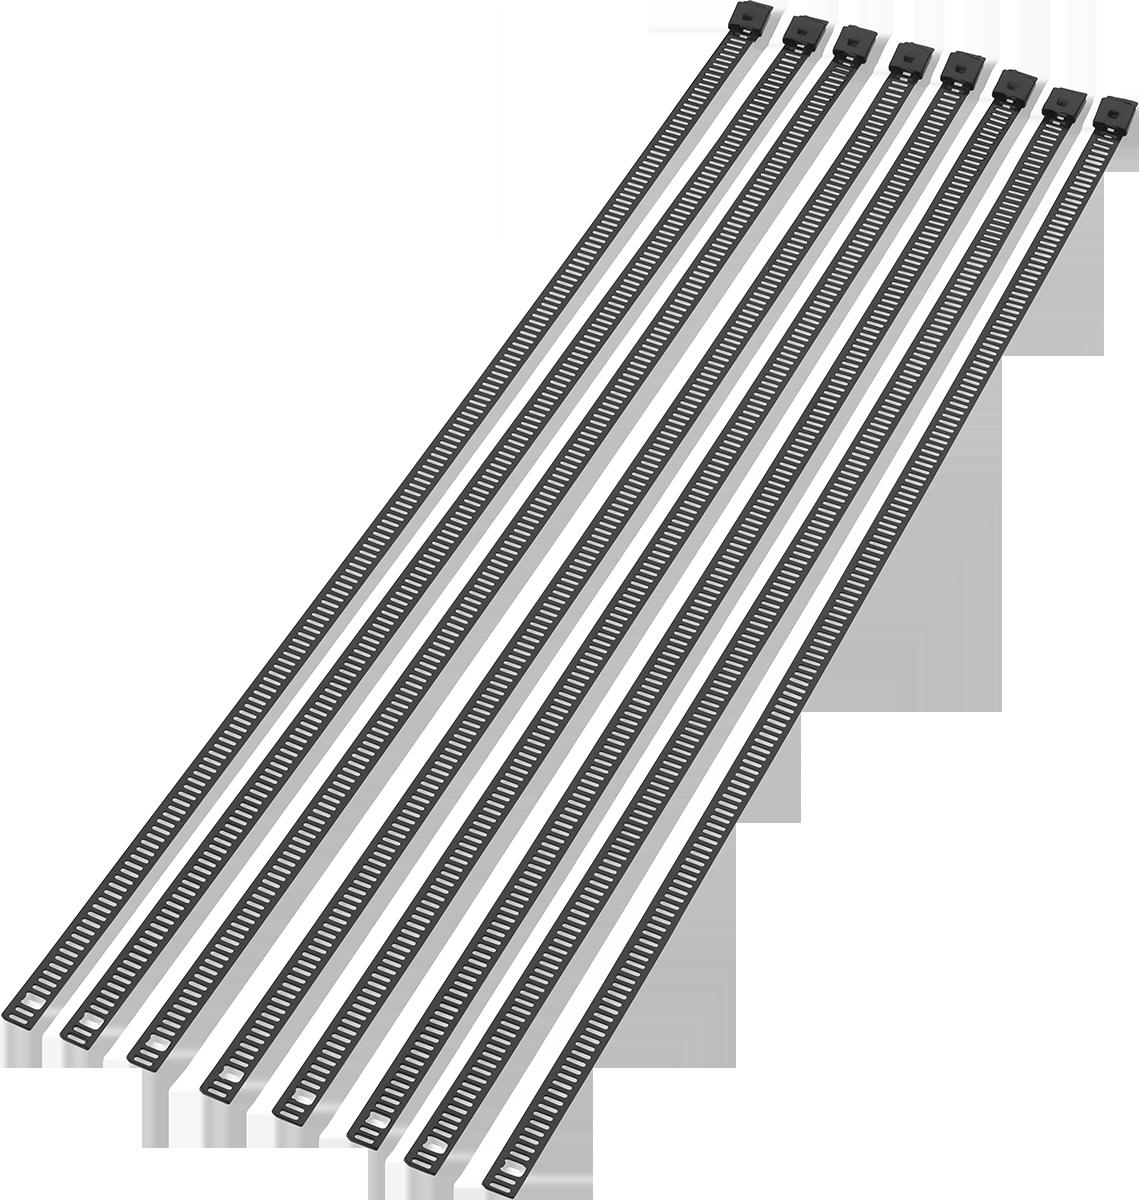 cable tie black 14 u0026quot  8pk